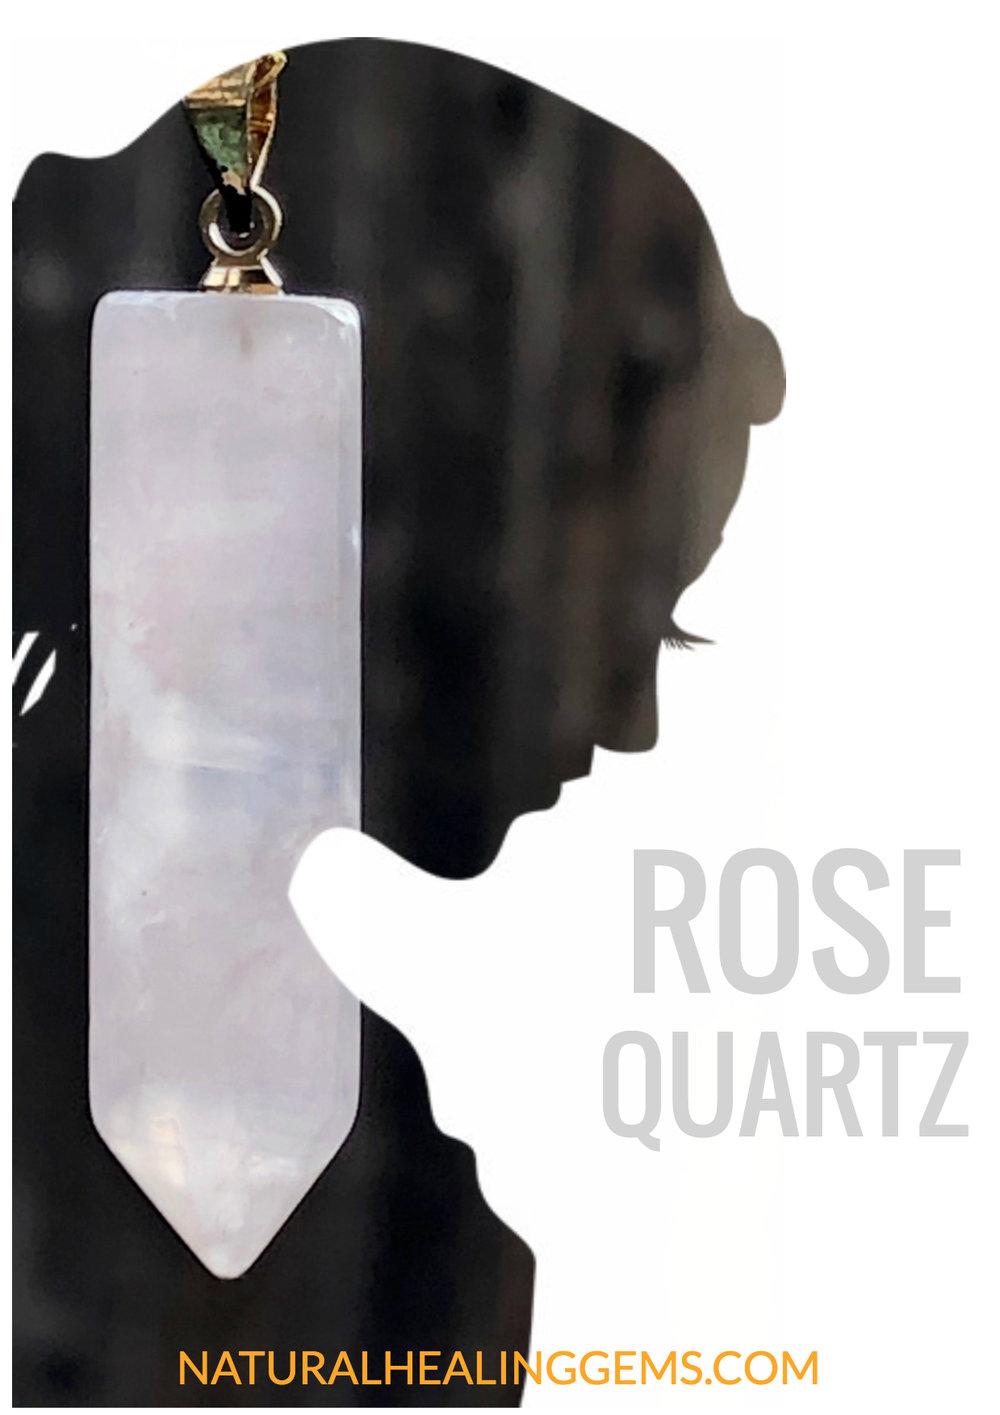 rose quartz self-love AD.jpg